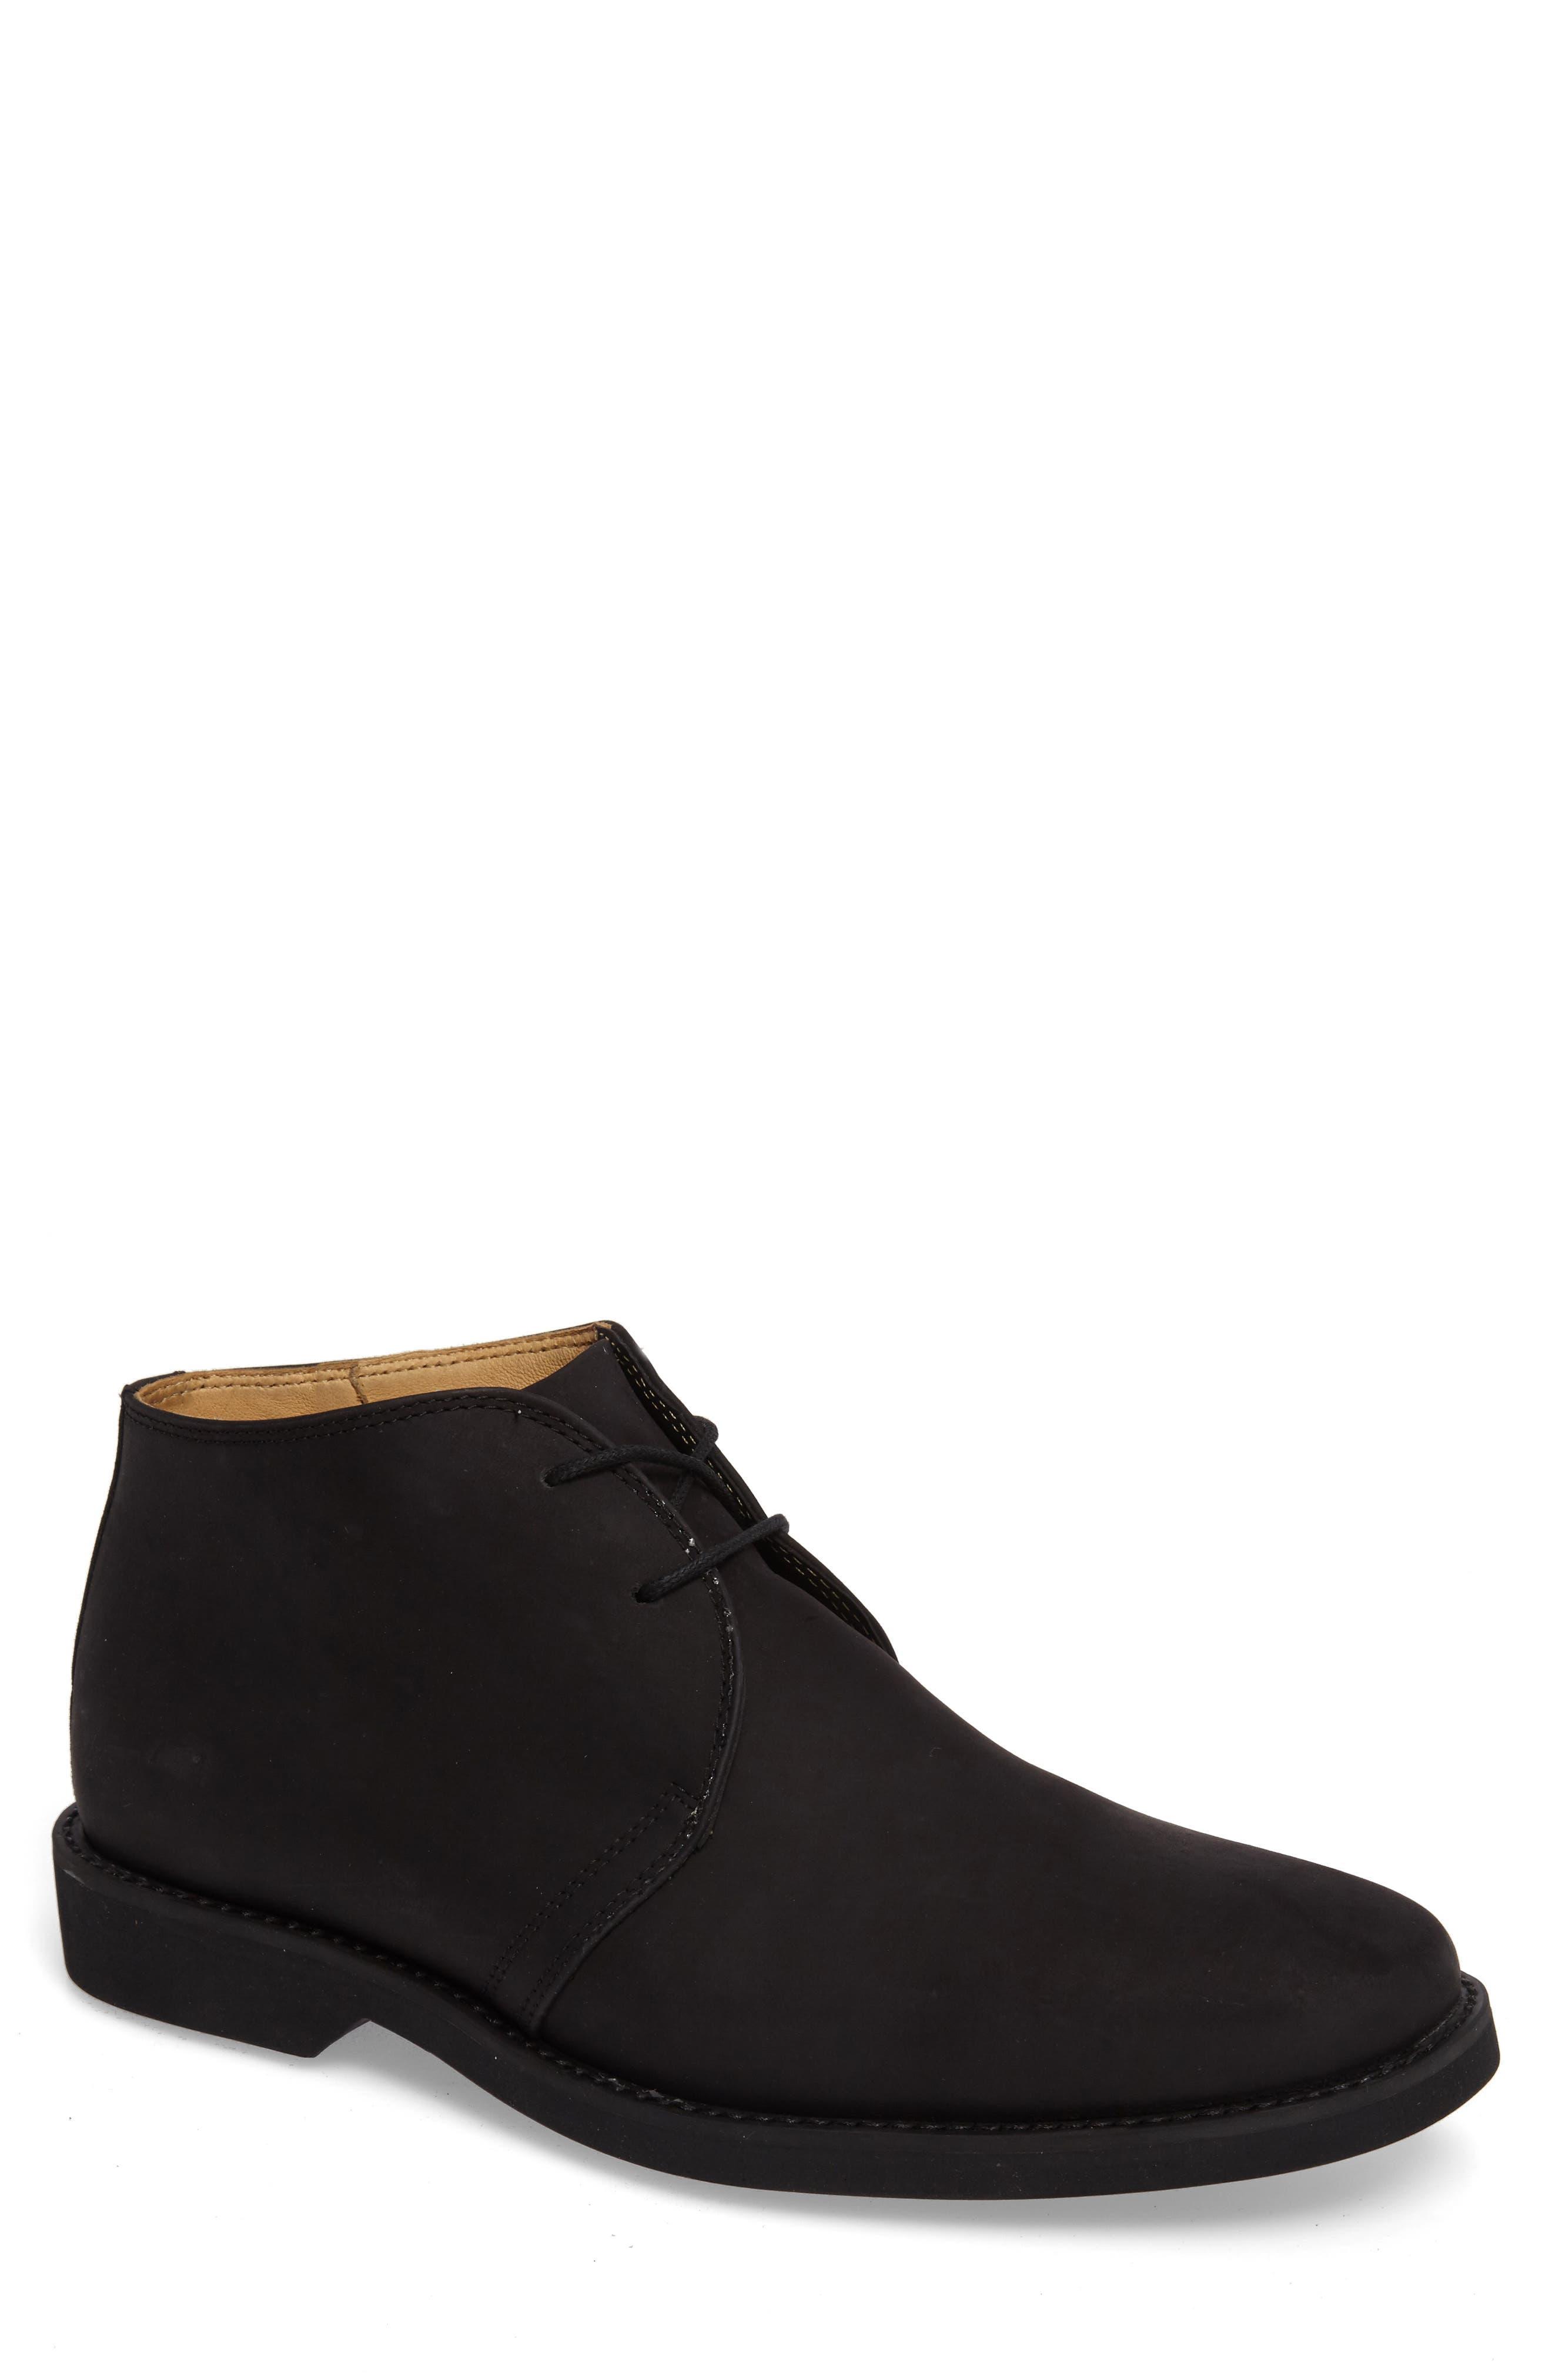 'Colorado' Chukka Boot,                         Main,                         color, 001